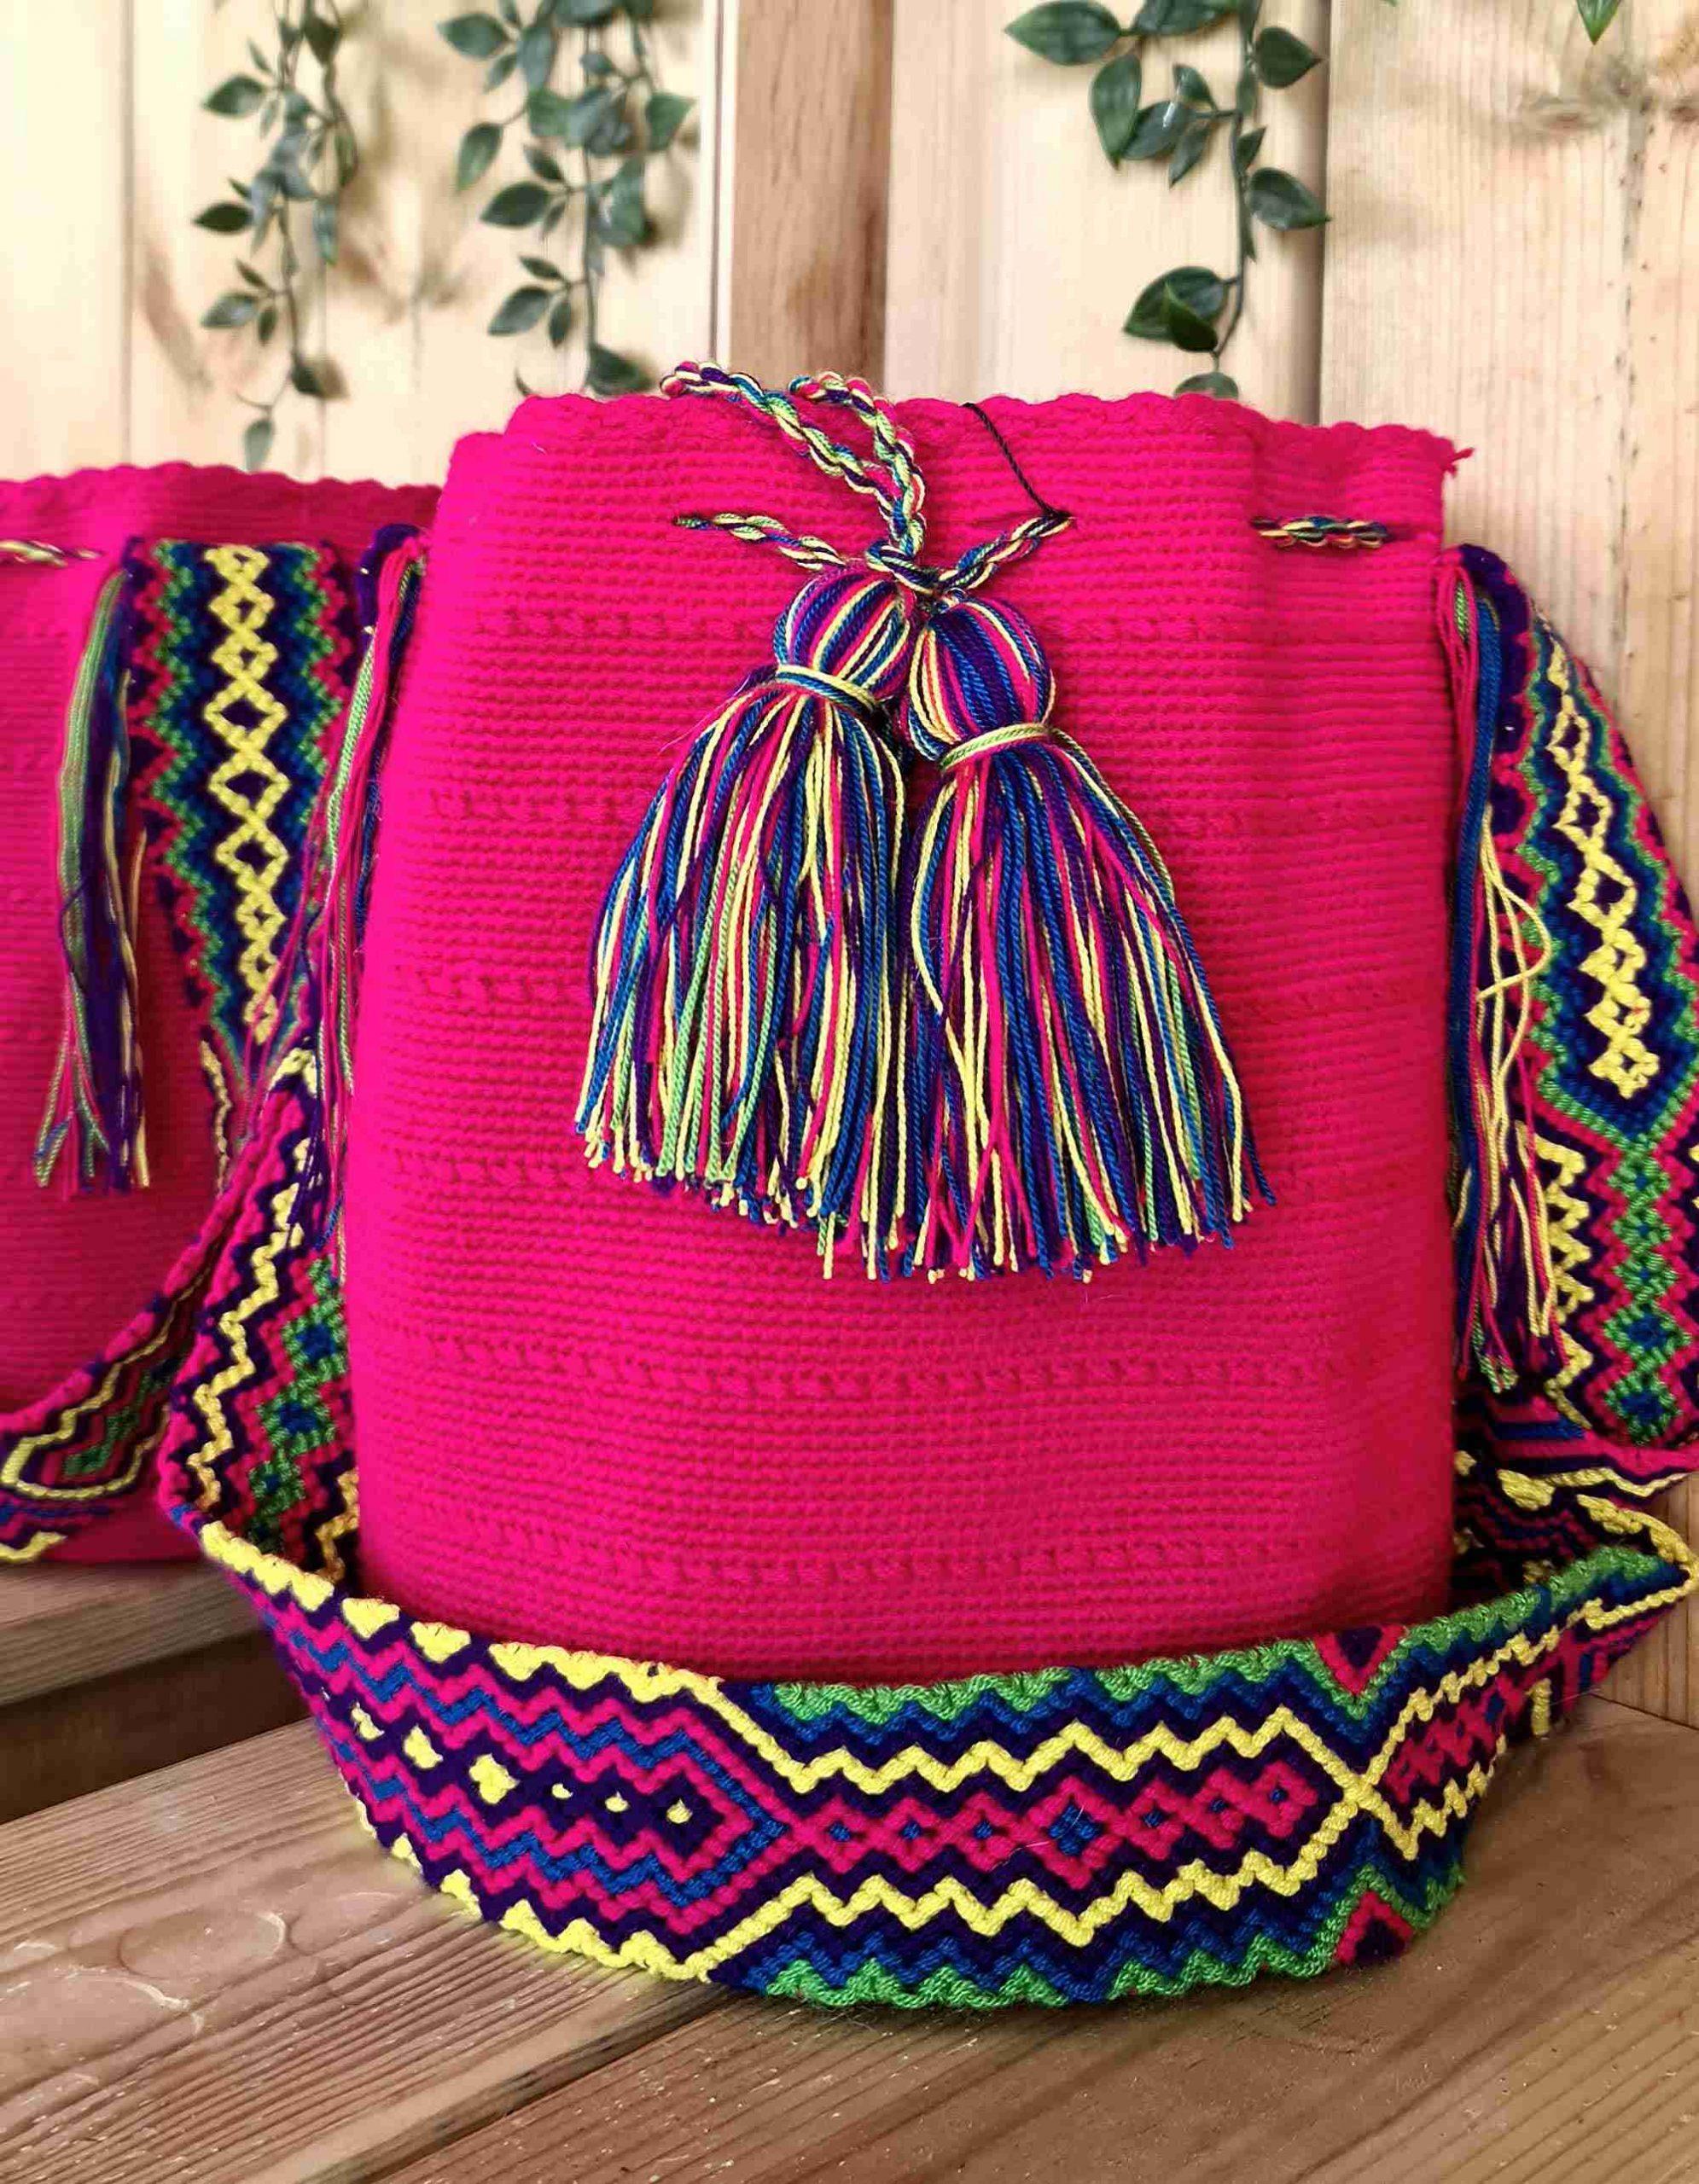 Bolso Wayuu Original Auténtico (sólo 1 igual), color rosa oscuro con correa rosa, amarillo y verde.